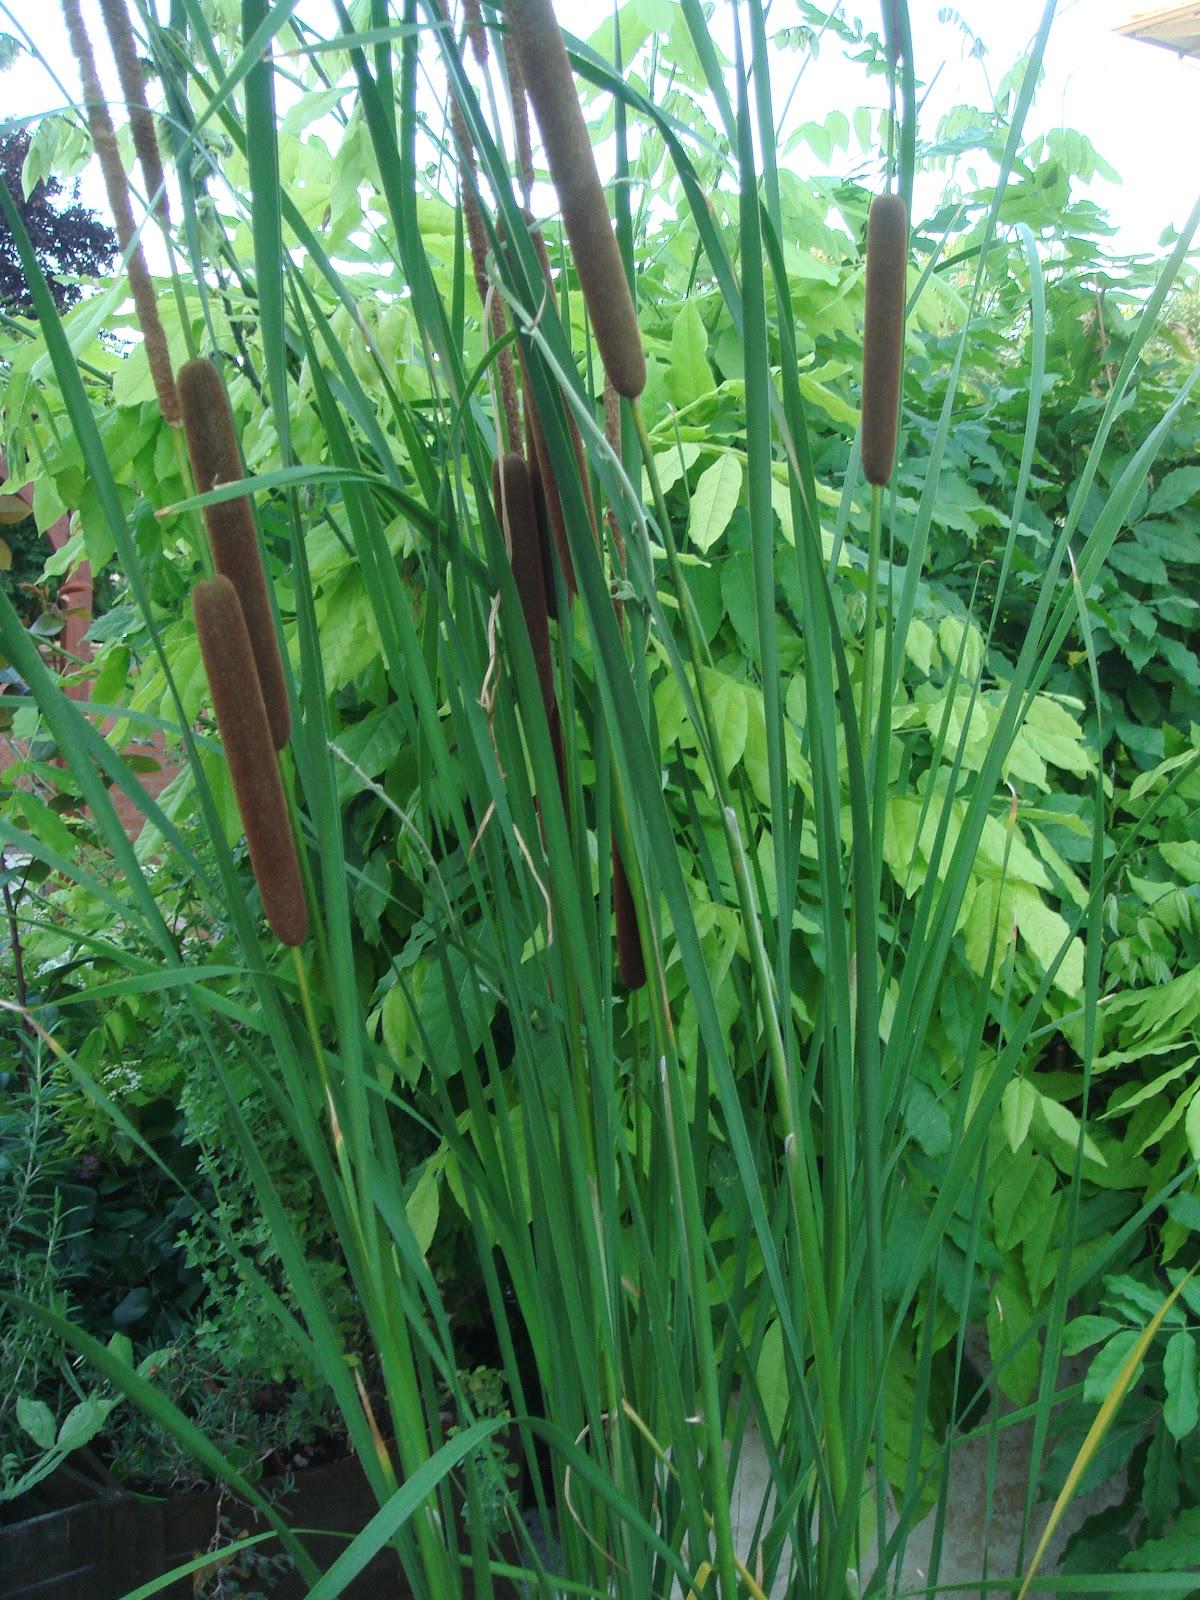 Il giardino delle naiadi piante palustri for Piante palustri laghetto